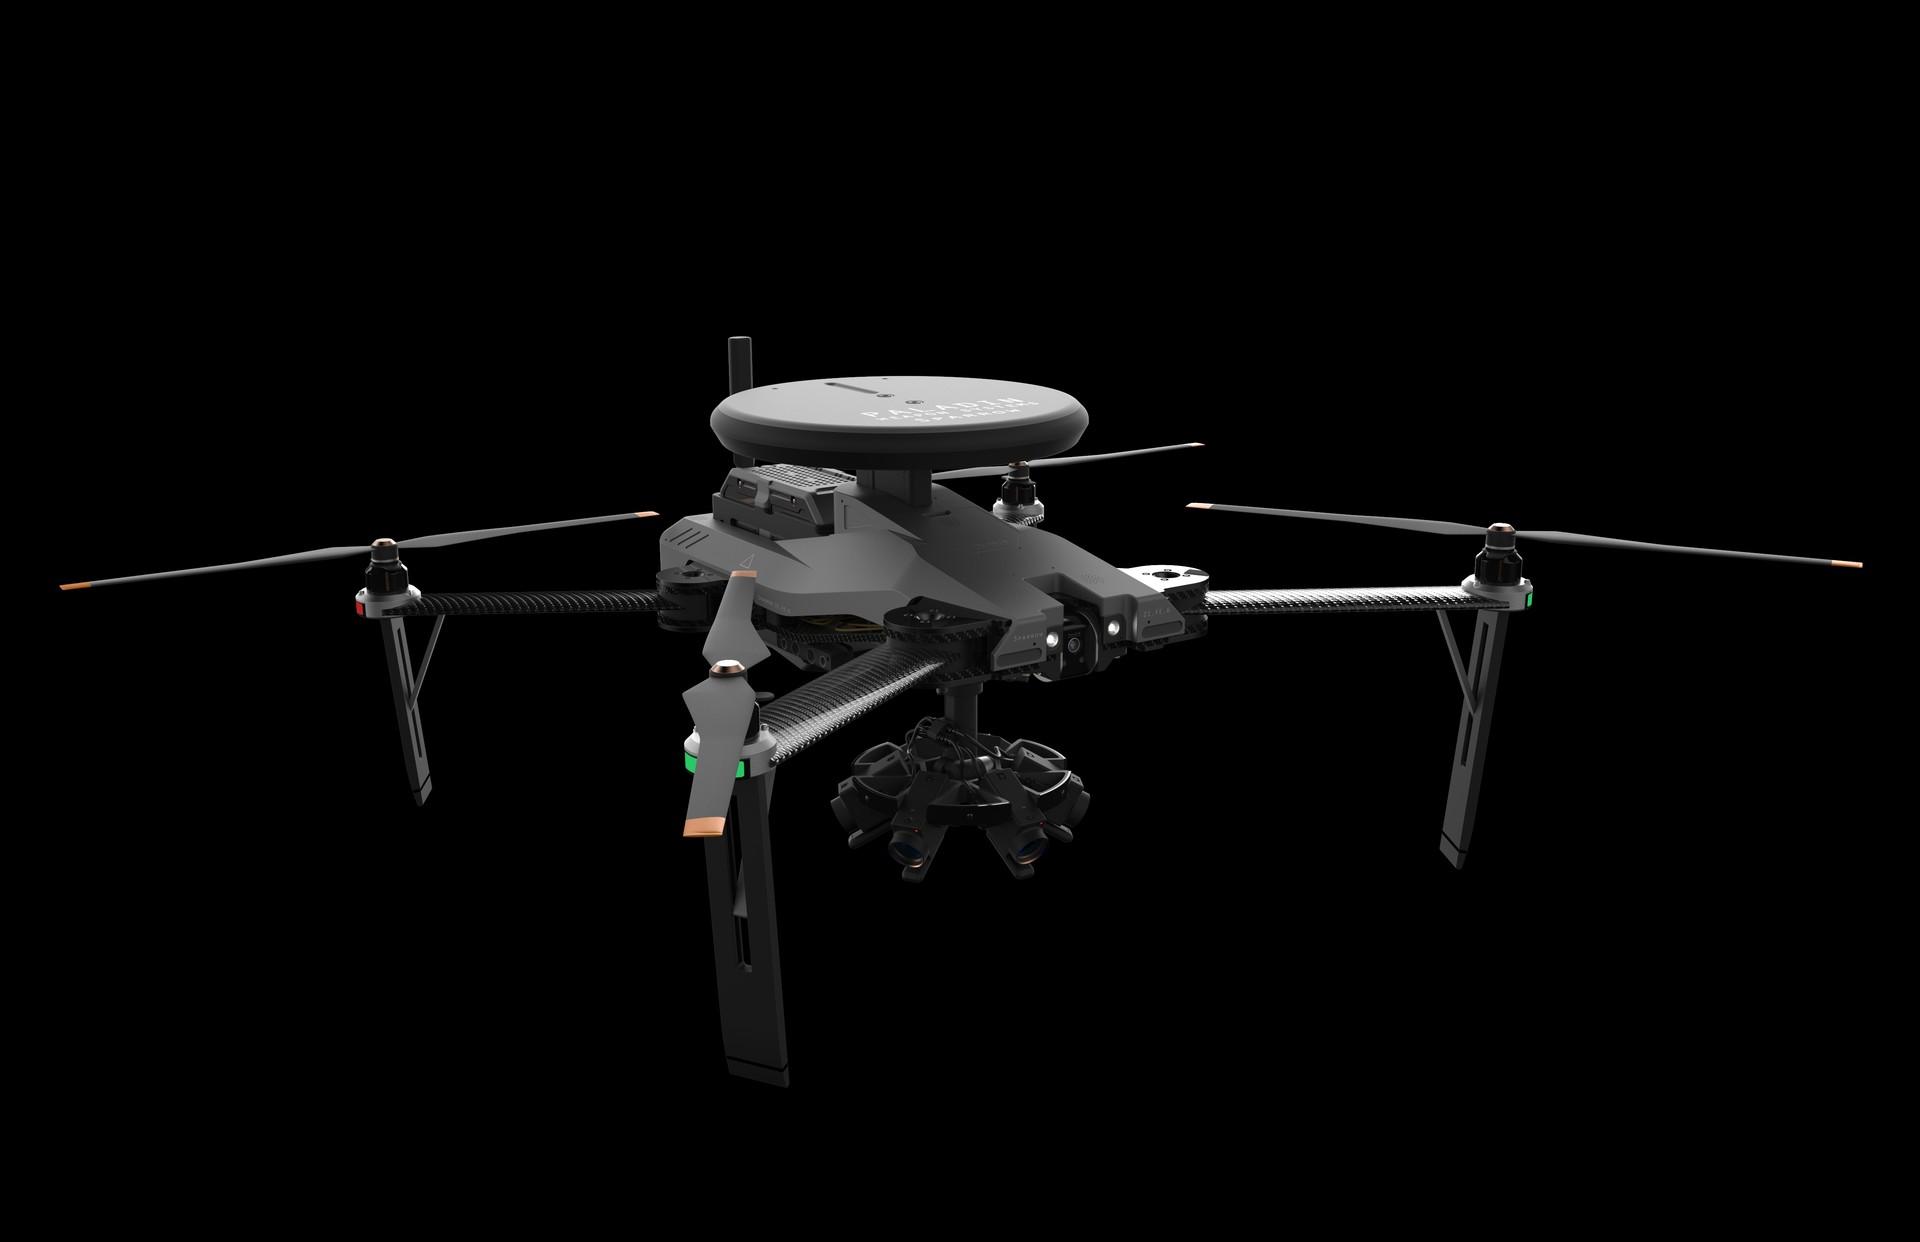 Jort van welbergen drone final render v1 47